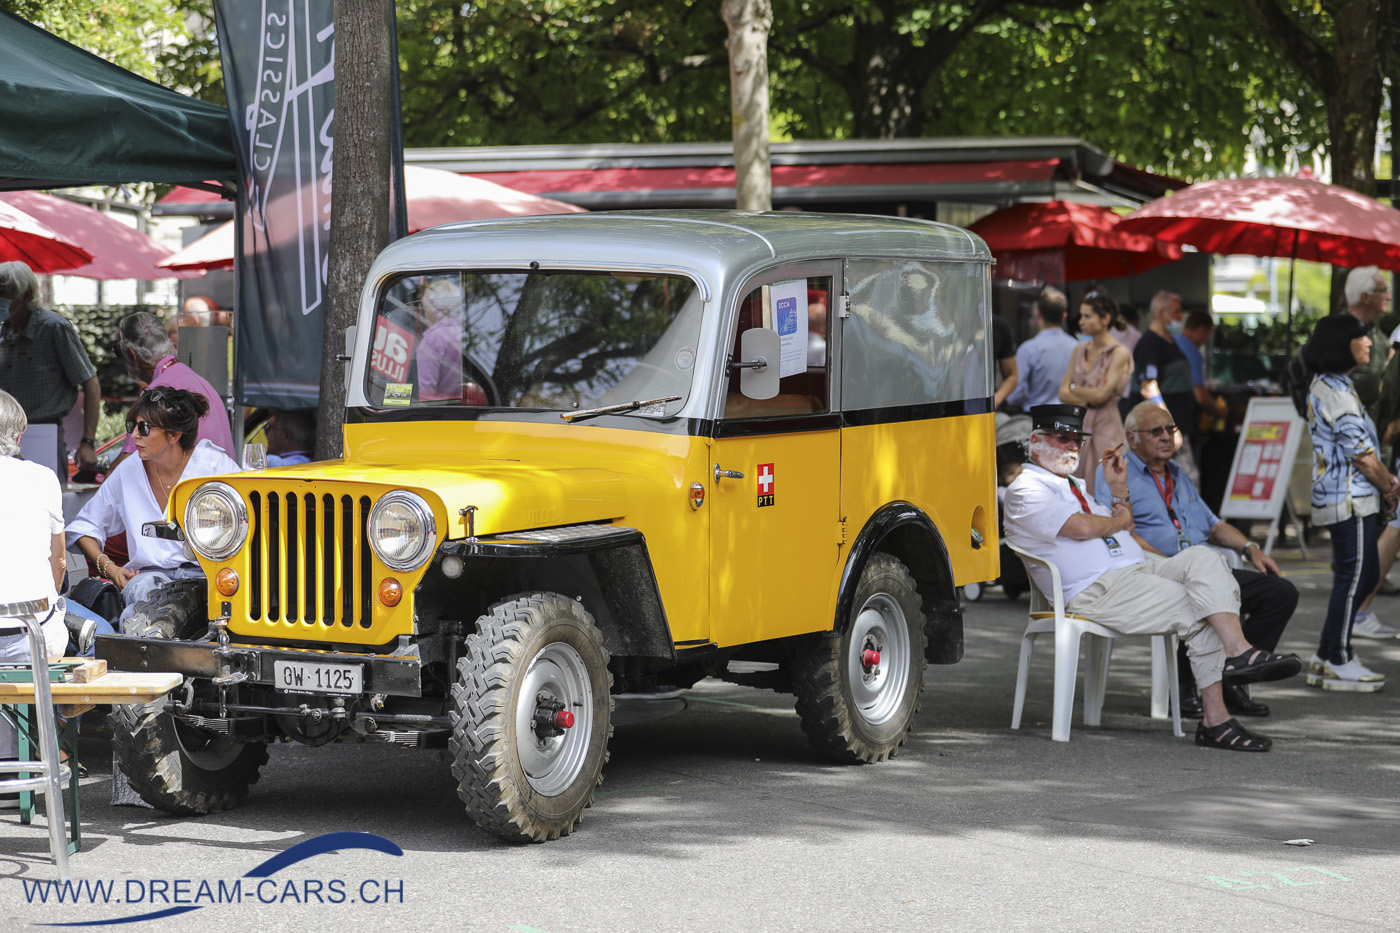 ZCCA - Zurich Classic Car Award, Bürkliplatz Zürich, 19. August 2020. Ruedi Müller aus Sarnen kam mit den Post-Jeep nach Zürich